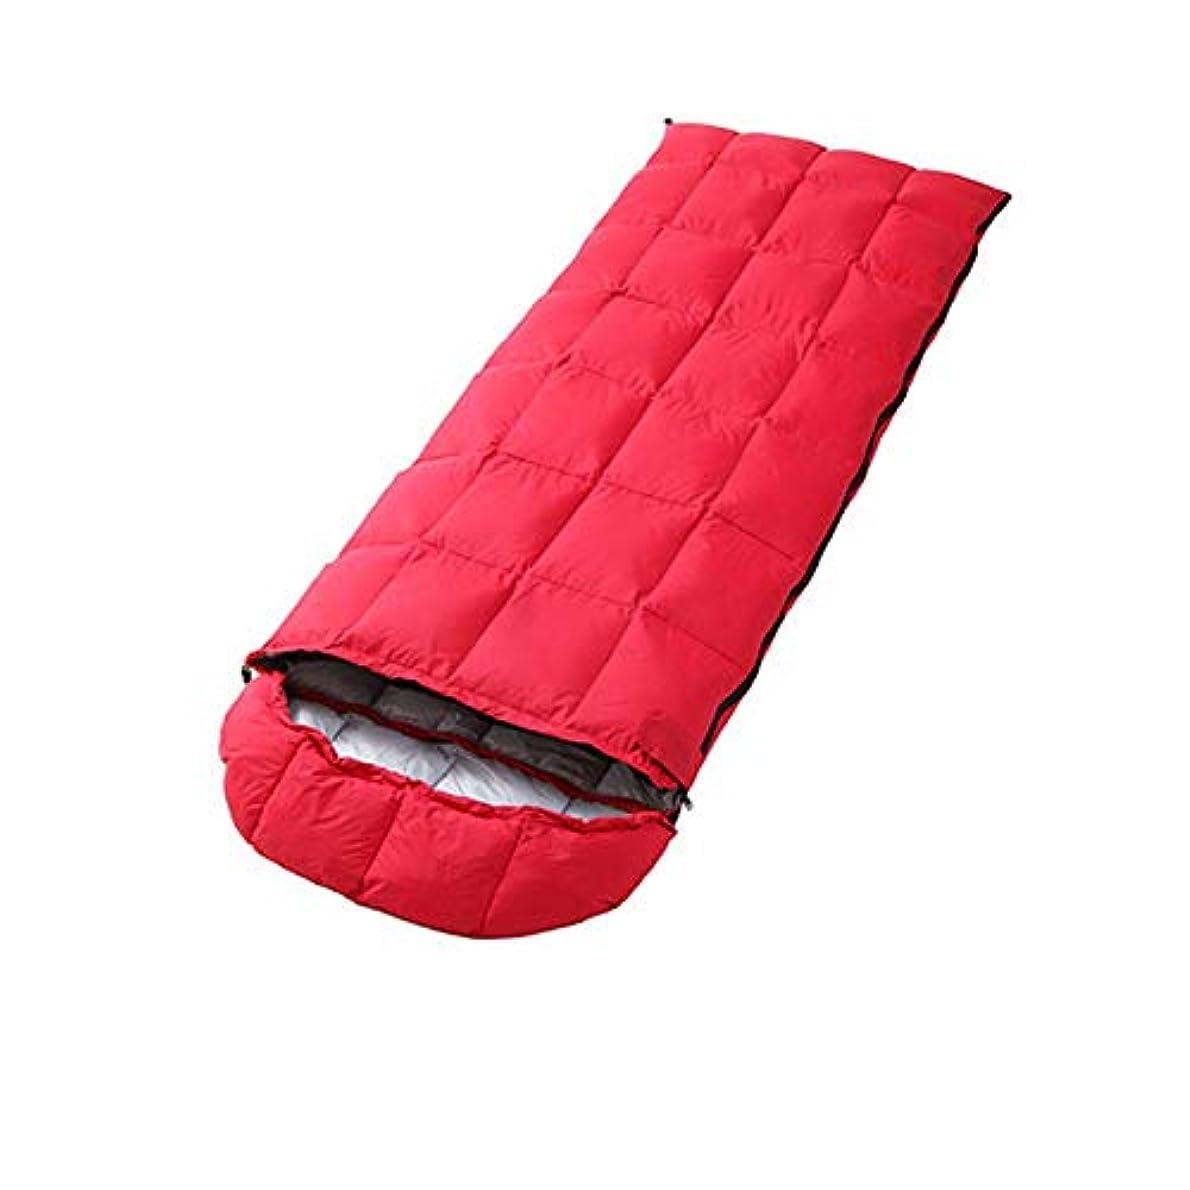 隔離北西関係Easylifee 寝袋 シュラフ 封筒型 冬用 軽量 防水 コンパクト アウトドア 登山 車中泊 防災用 丸洗い可能 収納袋付き 最低温度-15—-20度